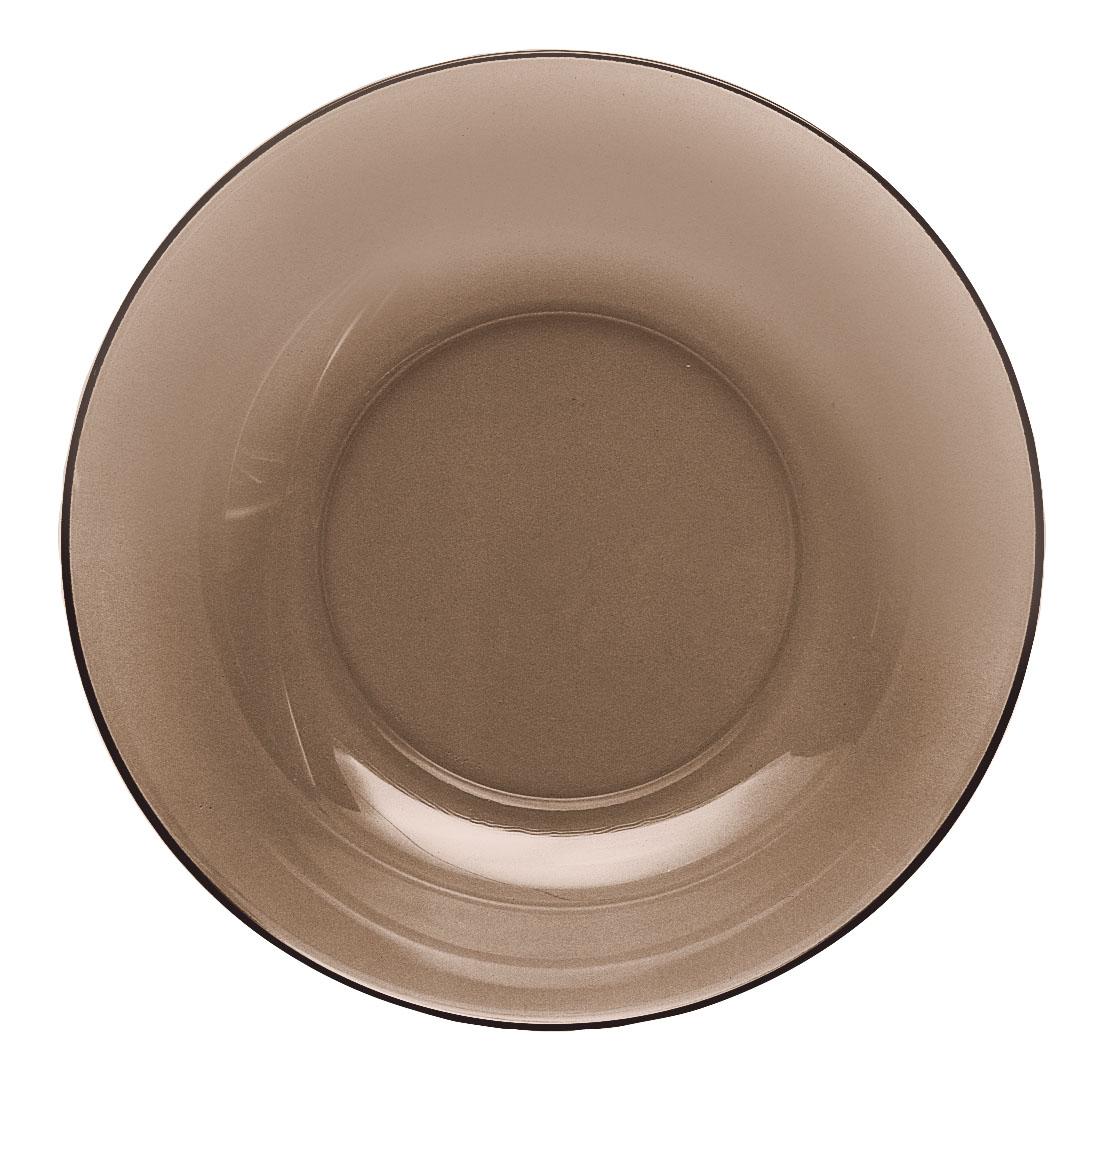 Тарелка глубокая Luminarc Directoire Eclipse, диамтер 20 смH0090Глубокая тарелка Luminarc Directoire Eclipse выполнена из ударопрочного стекла и украшена изображением цветов. Она прекрасно впишется в интерьер вашей кухни и станет достойным дополнением к кухонному инвентарю. Тарелка Luminarc Directoire Eclipse подчеркнет прекрасный вкус хозяйки и станет отличным подарком. Можно использовать в микроволновой печи и мыть в посудомоечной машине. Диаметр тарелки: 20 см.